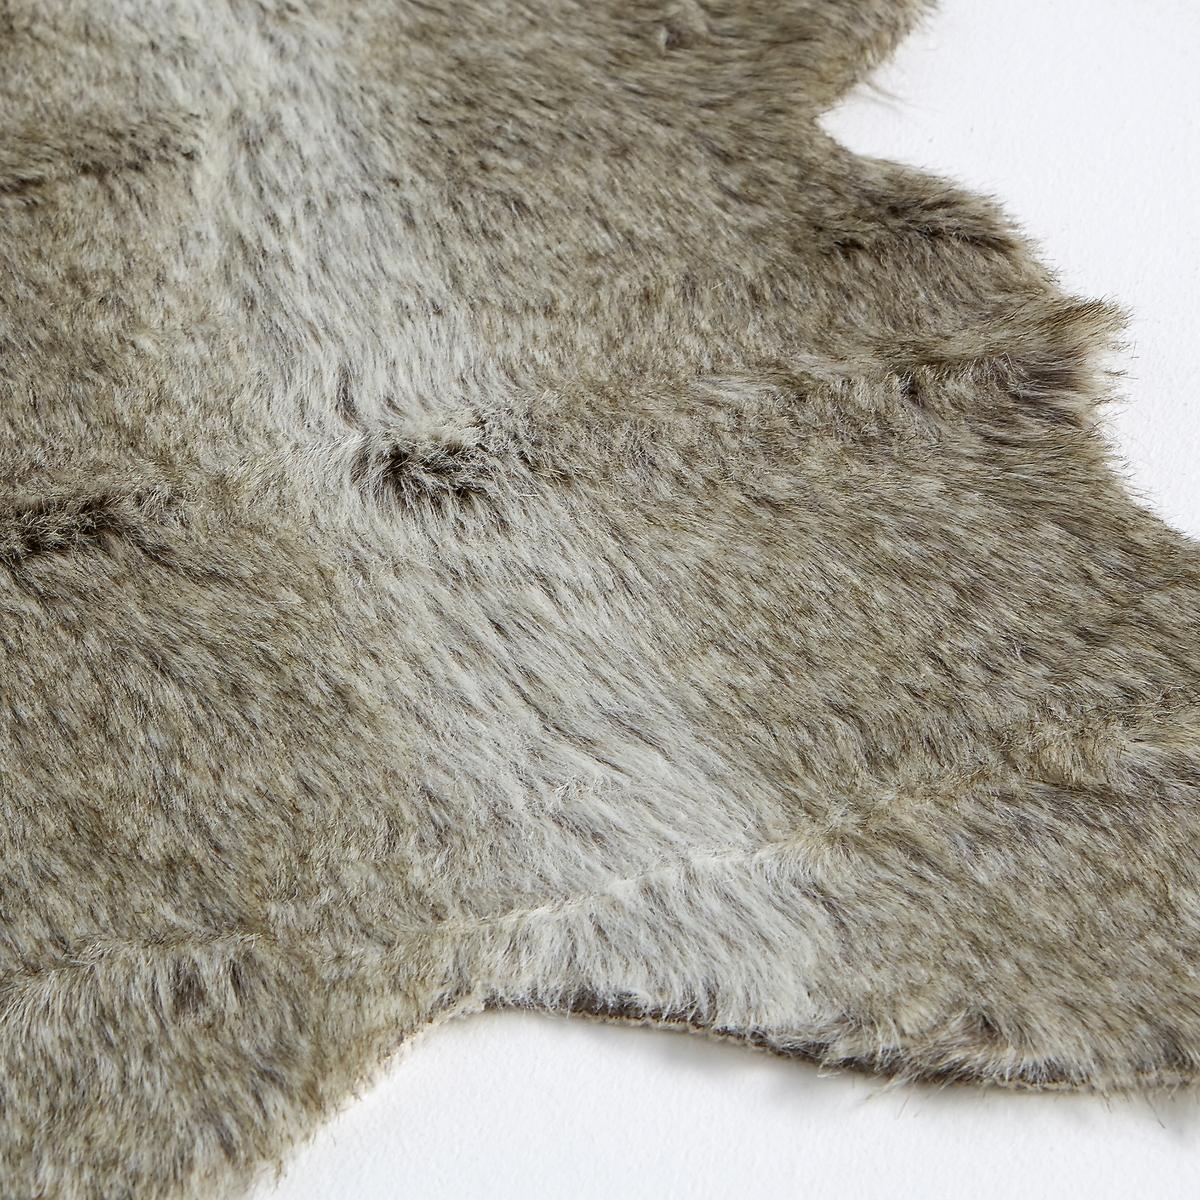 Прикроватный коврик под шкуру волка, WulpiПрикроватный коврик из искусственного меха под шкуру волка, Wulpi. Отличный коврик, который придаст вашему интерьеру мягкий, уютный и стильный вид. Вам понравится его оригинальная форма, которая придает ему дополнительный аутентичный стиль. Описание прикроватного коврика Wulpi :Искусственный мех 80% акрила, 20% полиэстераРазмеры прикроватного коврика Wulpi :Ширина : 55 смДлина : 90 смПодходящий ковер Вы можете найти на сайте laredoute.ru<br><br>Цвет: темно-серый<br>Размер: 55 x 90 см